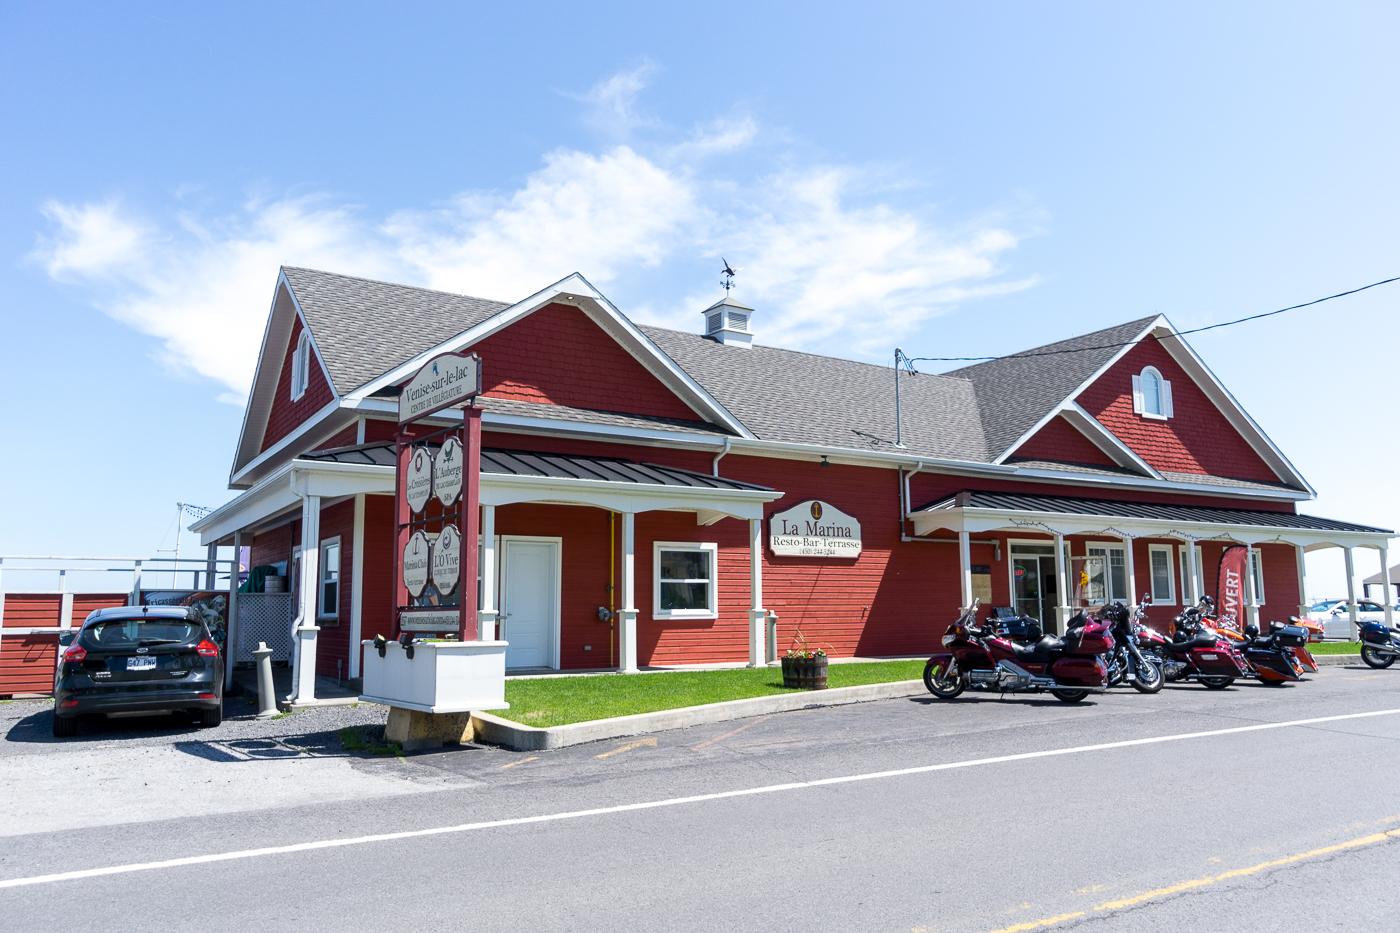 Shack de La Marina - Où manger à Venise-en-Québec